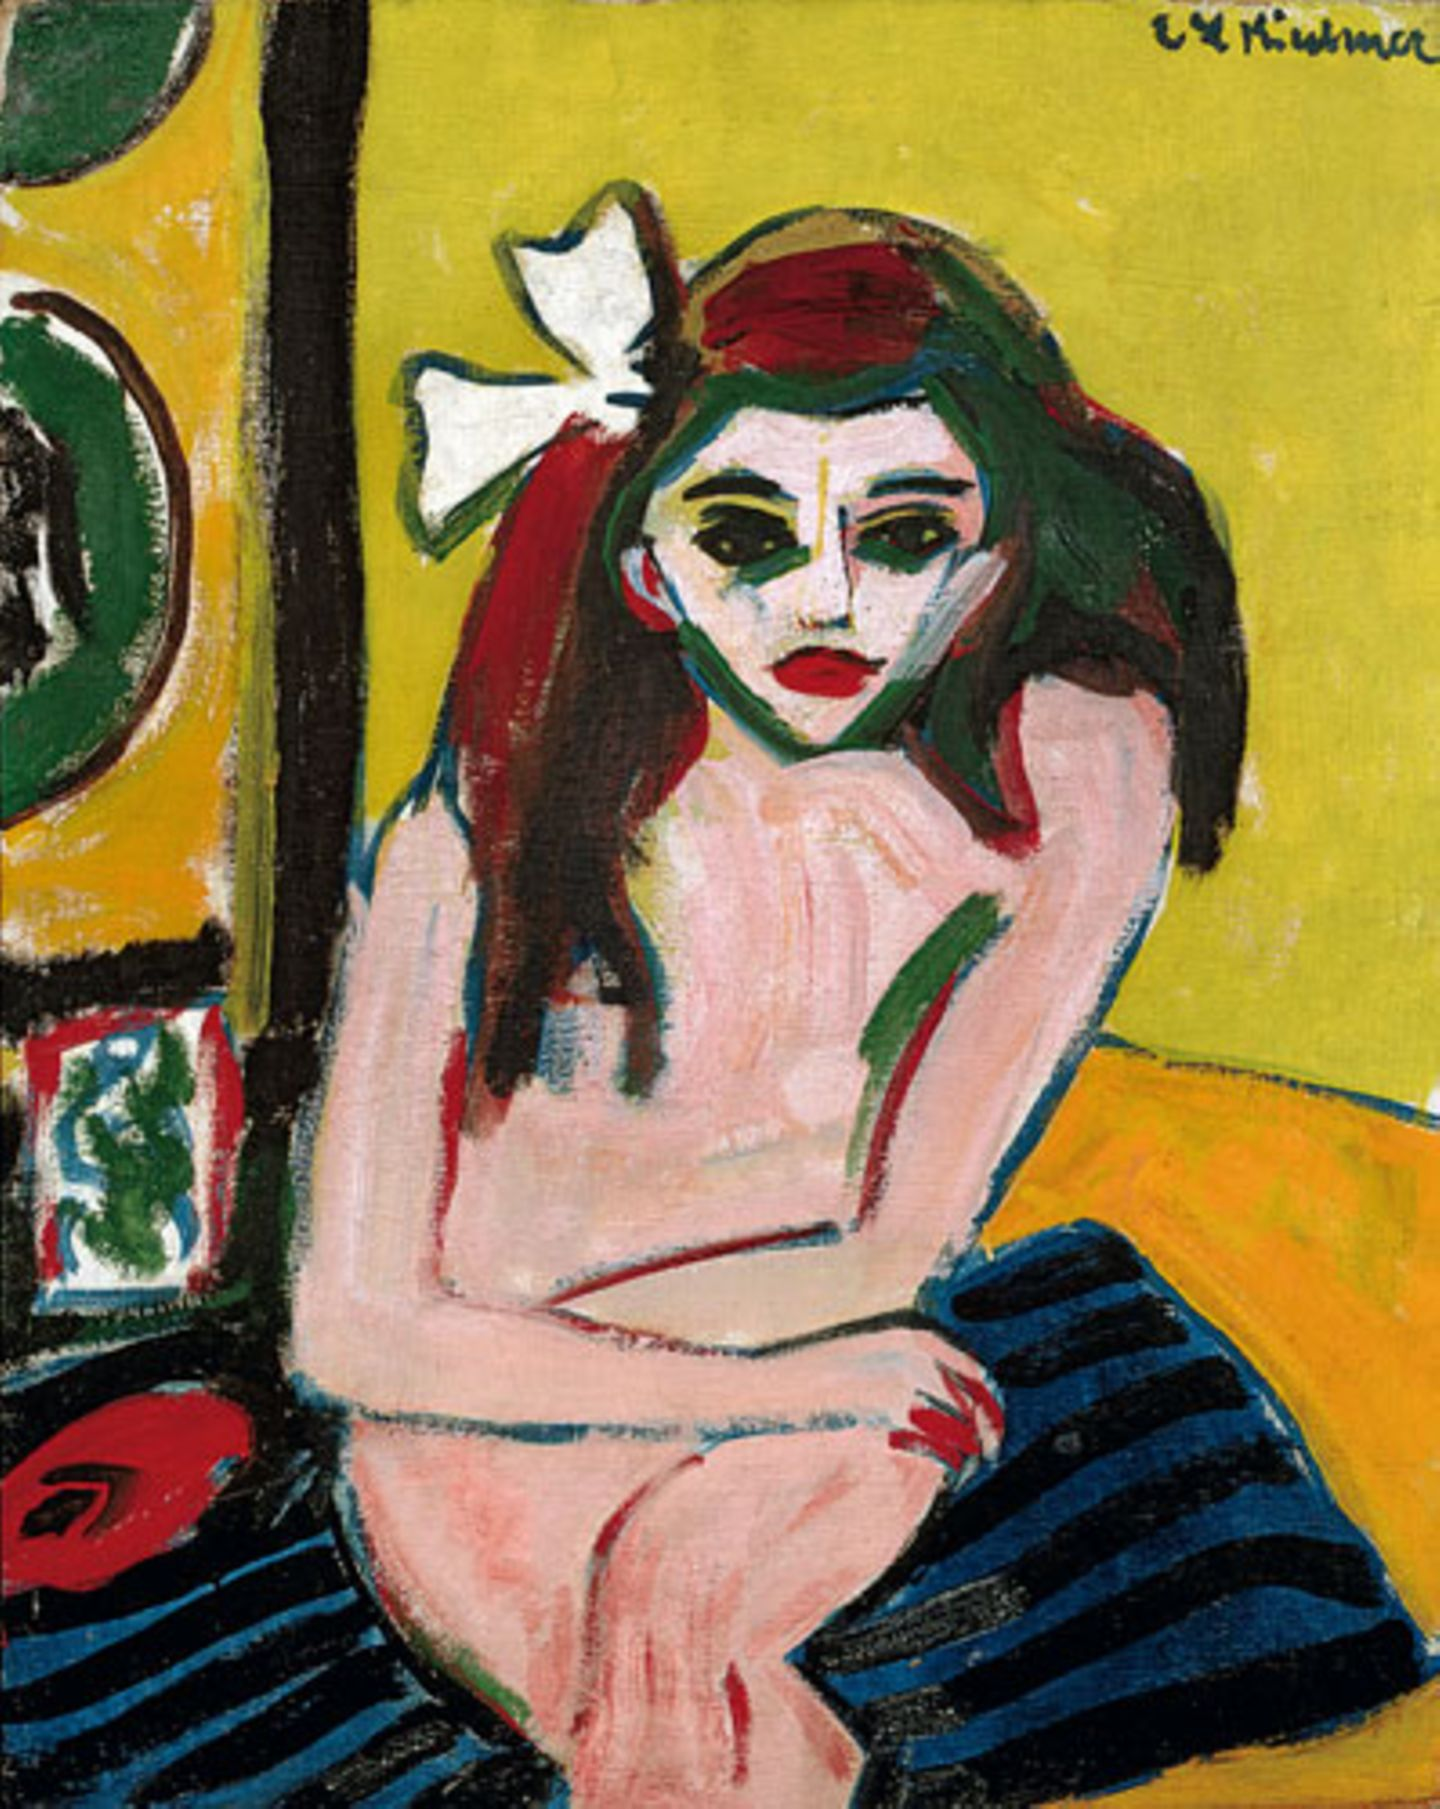 Ernst Ludwig Kirchner: Marcella (1909-10)